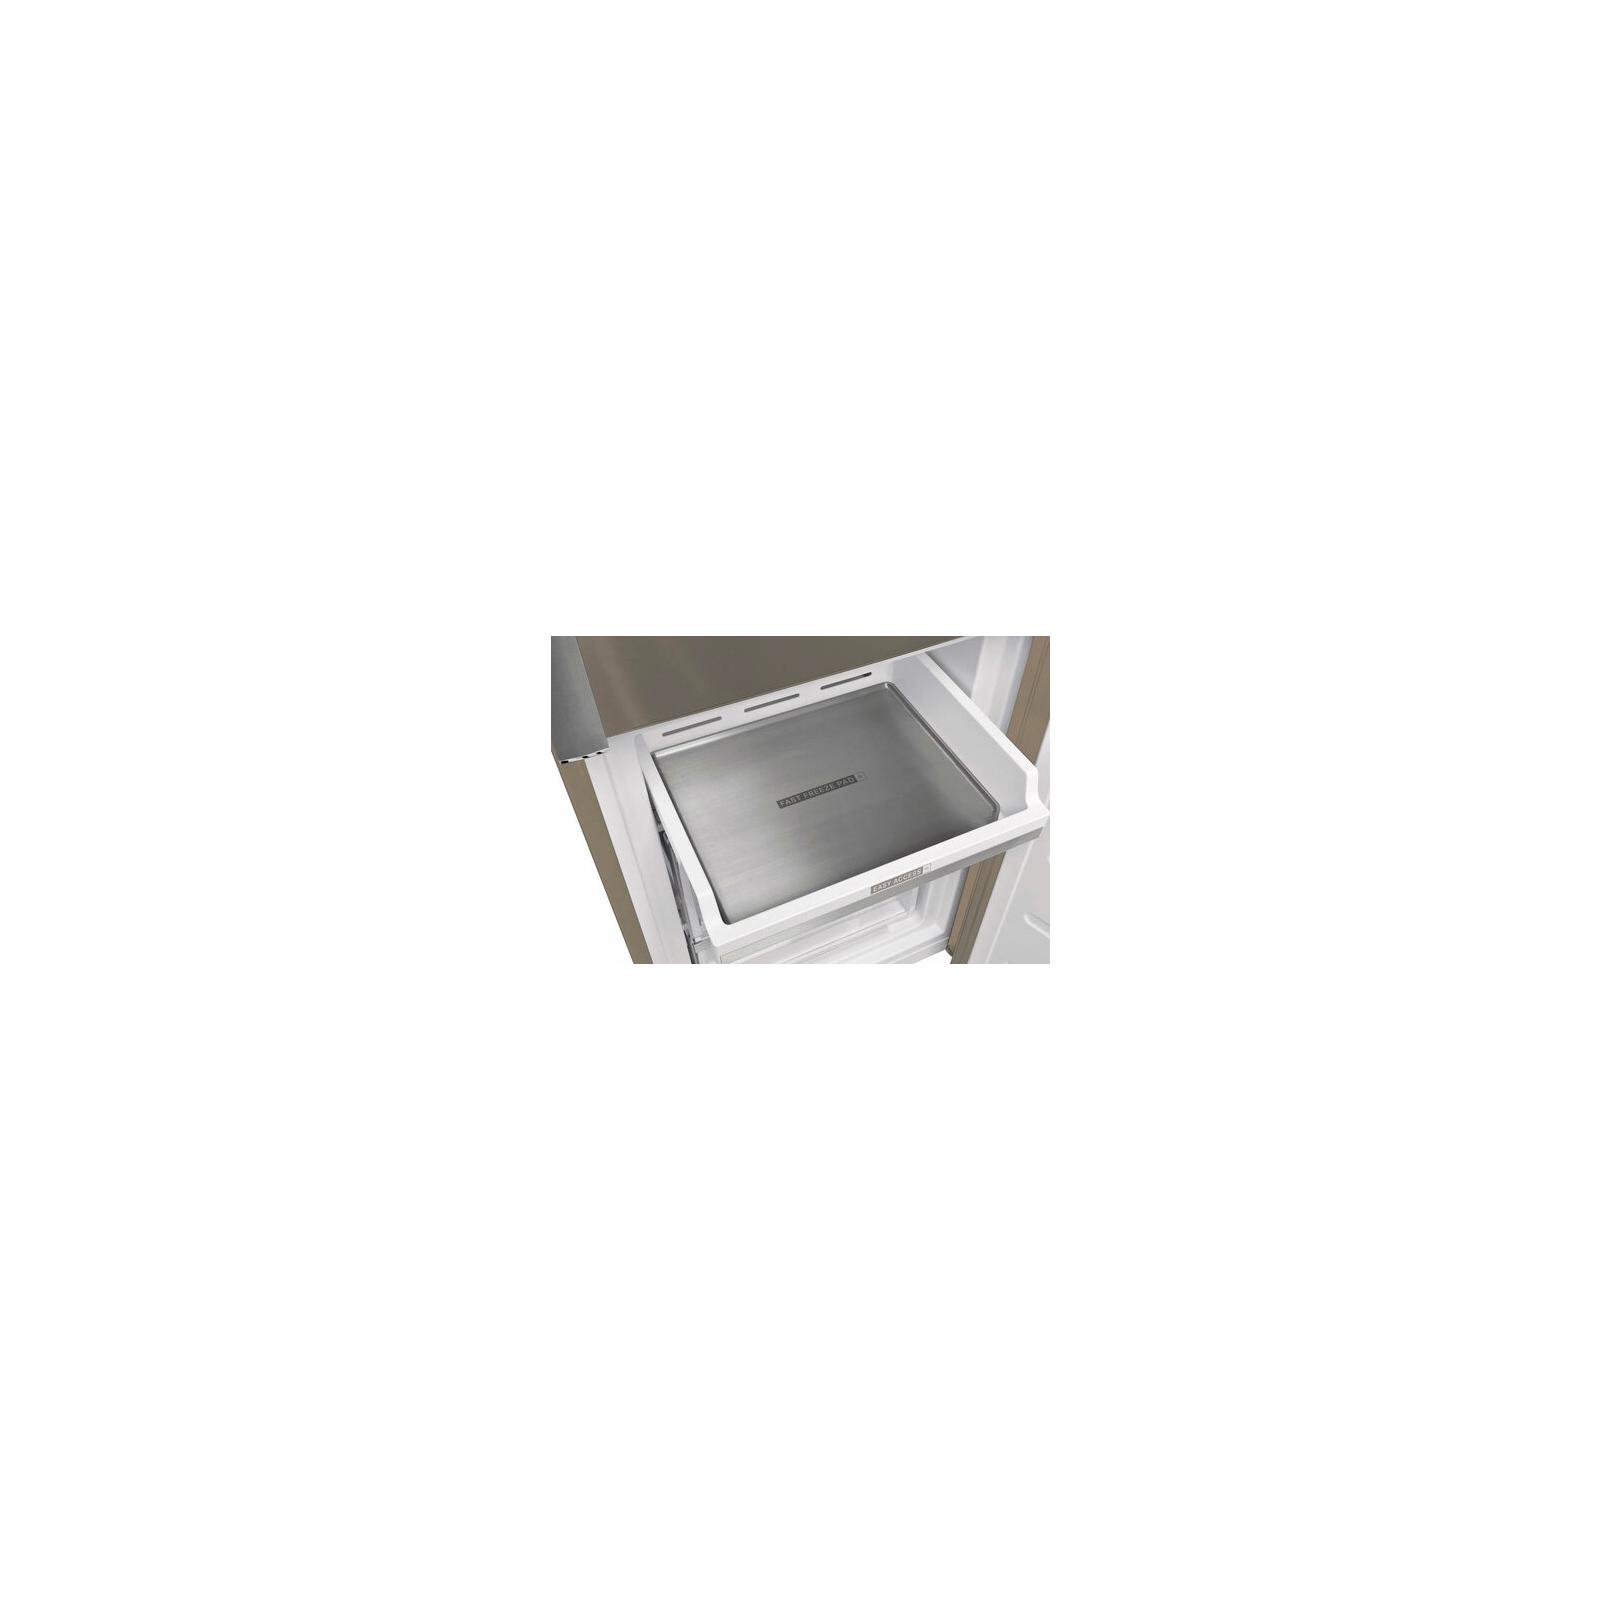 Холодильник Whirlpool W9931DKS изображение 6